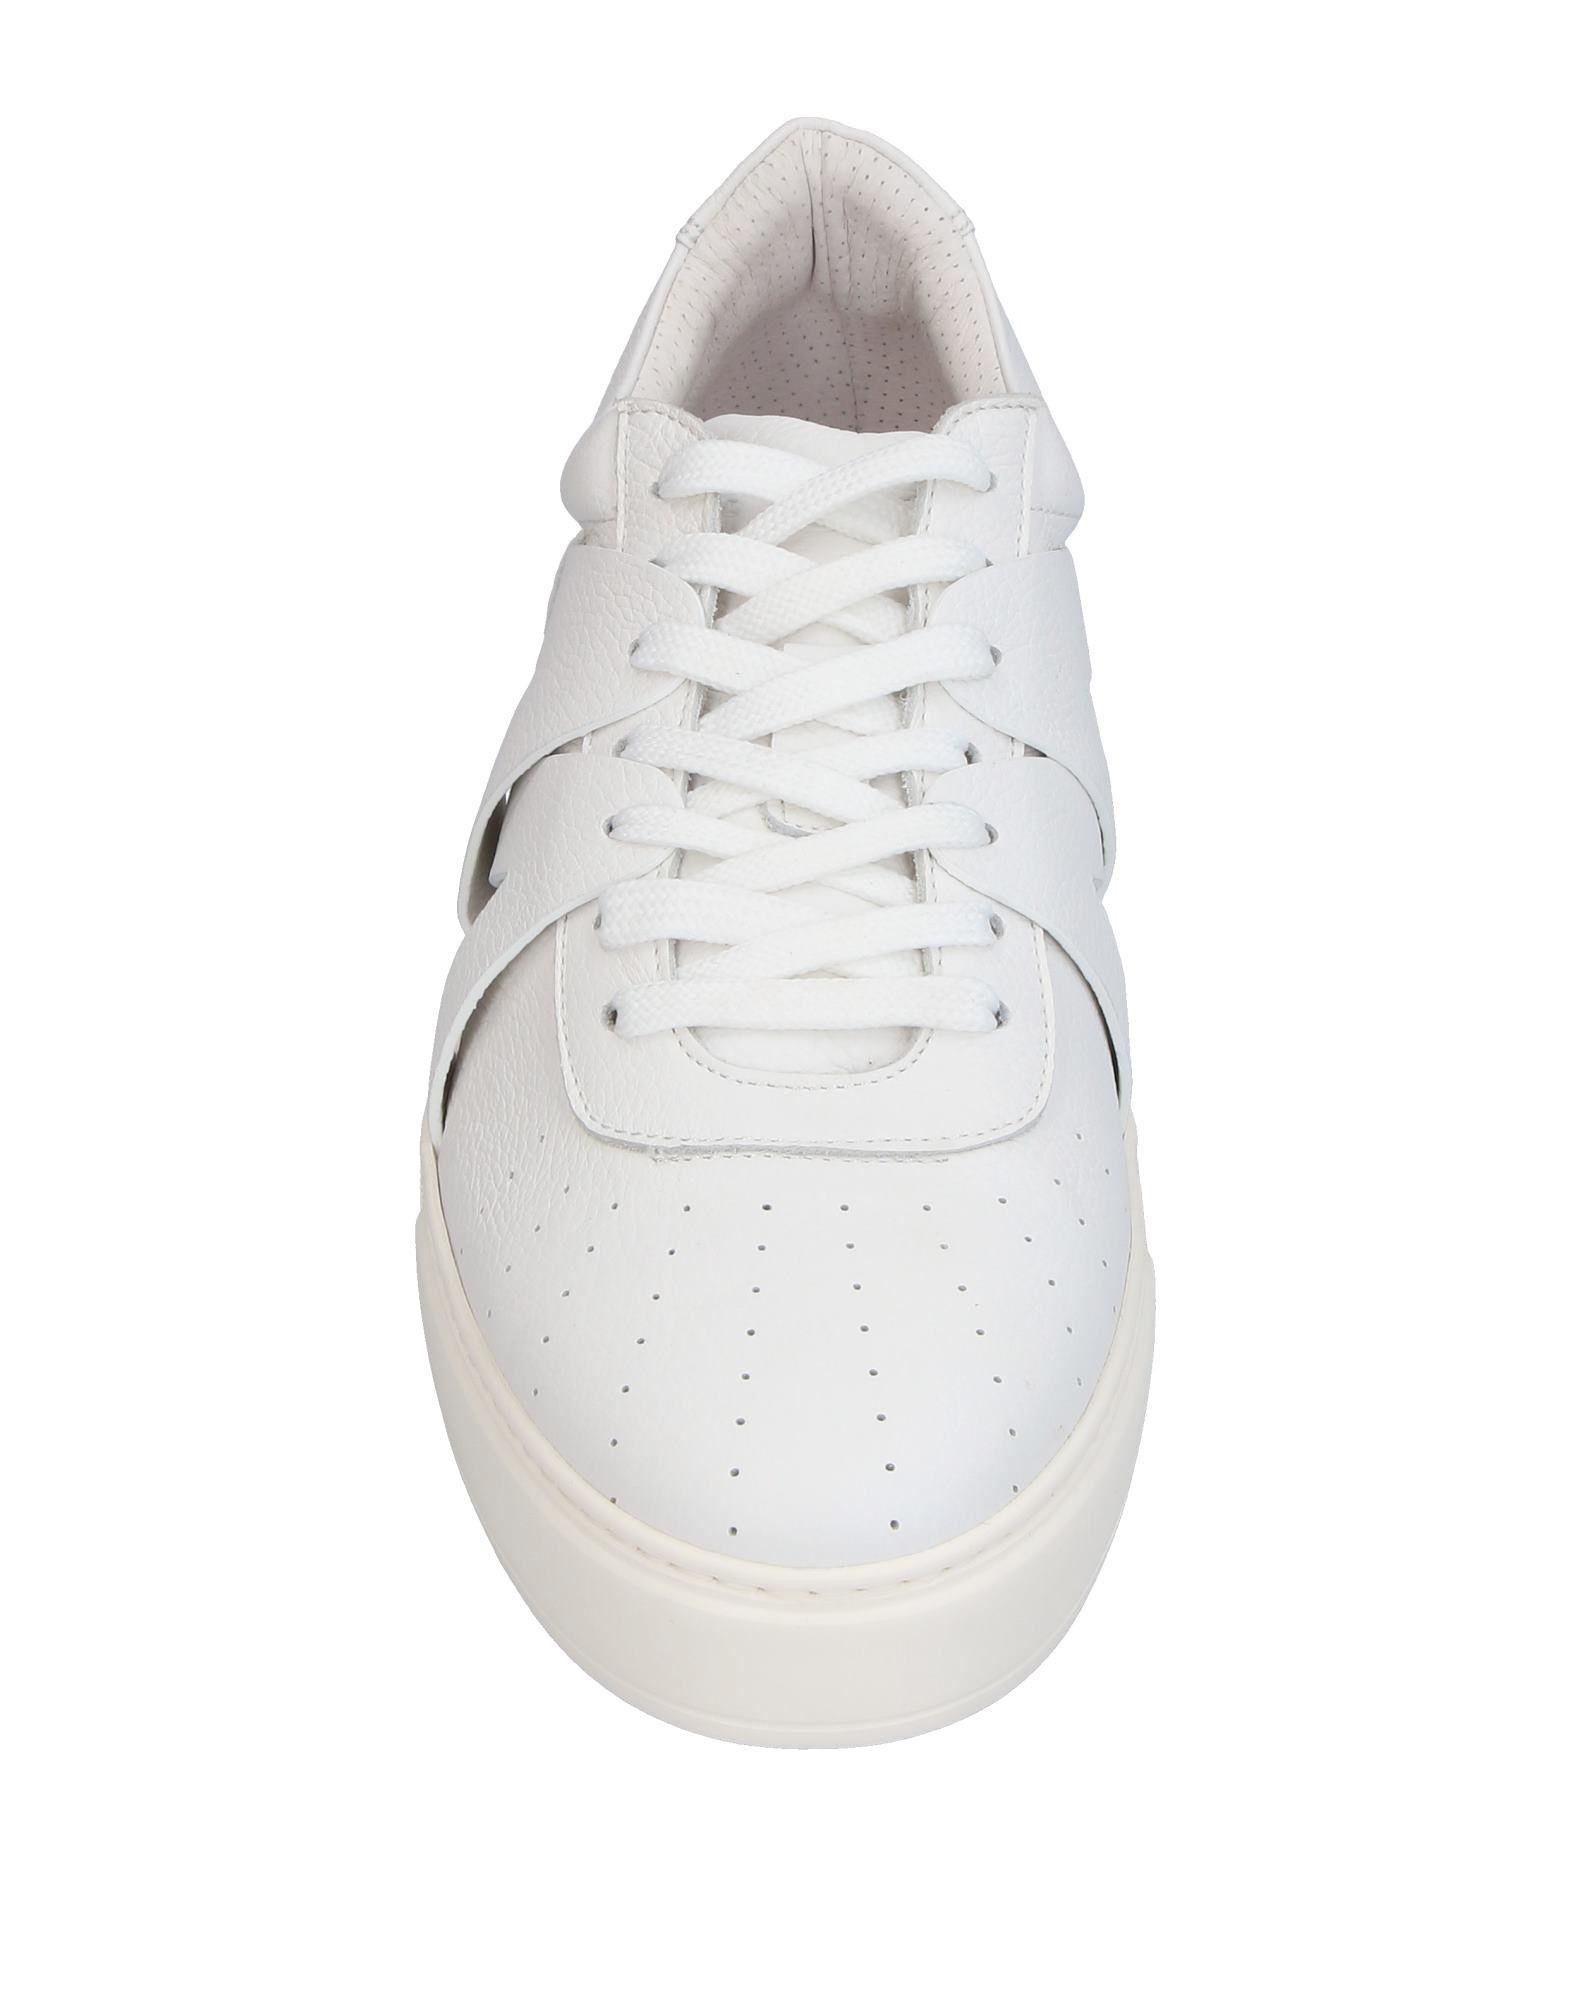 Andrea Morelli Sneakers Herren 11387985JU  11387985JU Herren 103d67